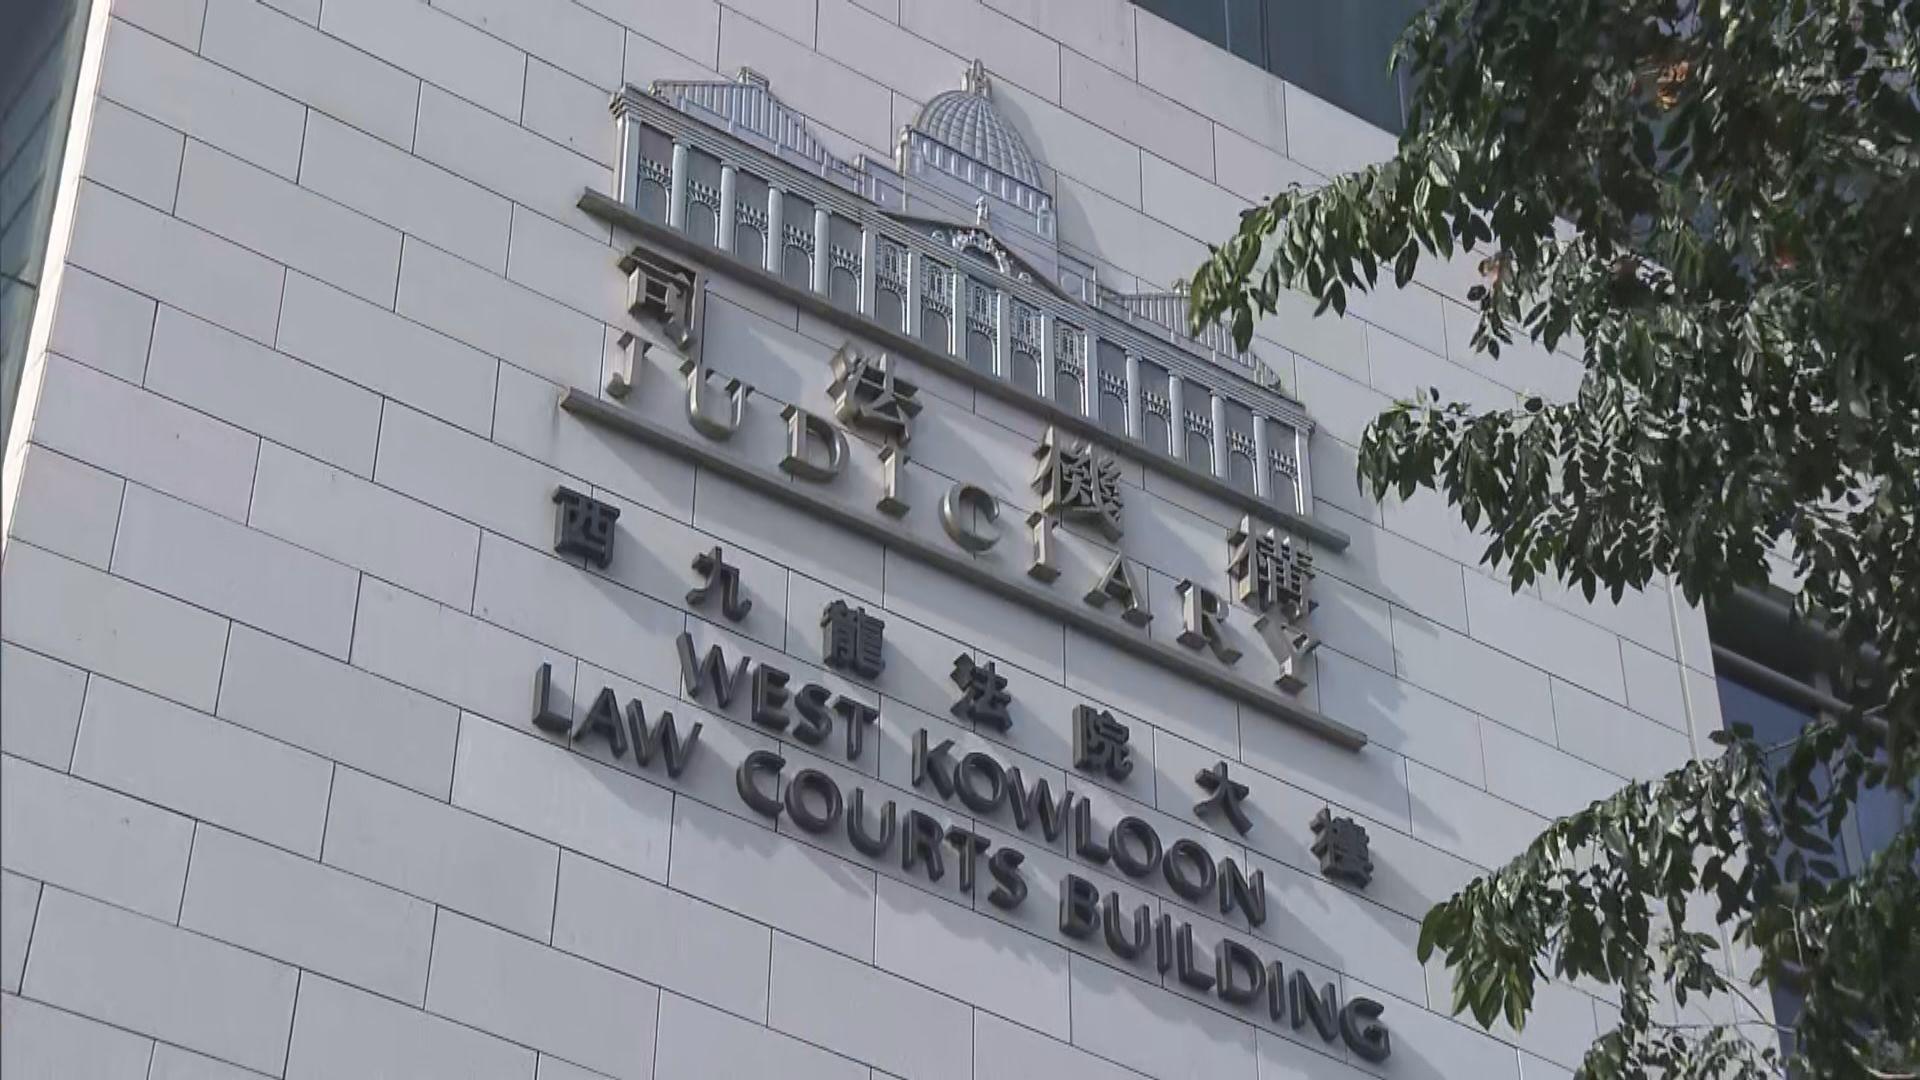 前年六月男子太古廣場墮斃 死因庭重選陪審團展開研訊